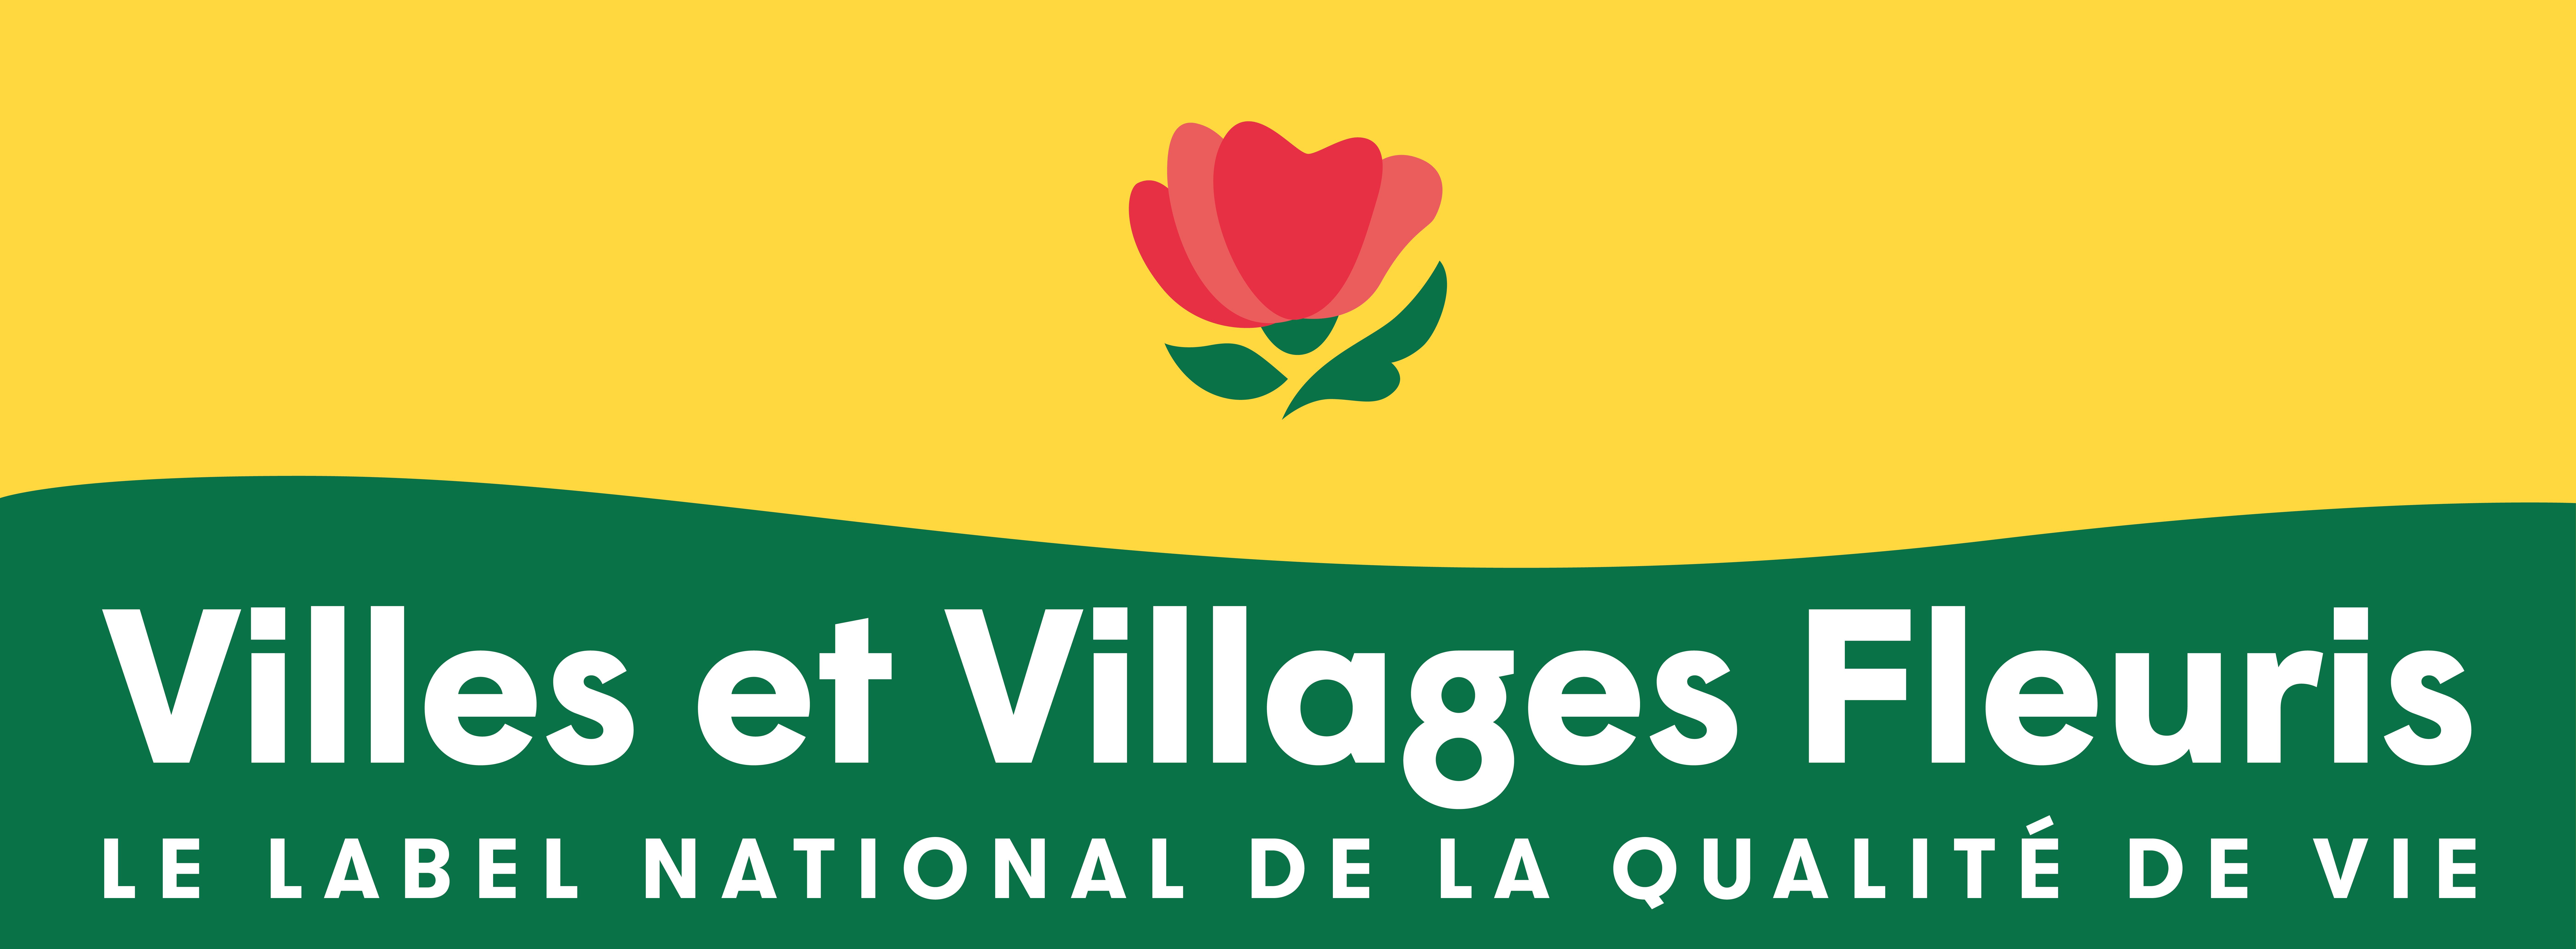 Villes_et_villages_fleuris_classés_1_fleur